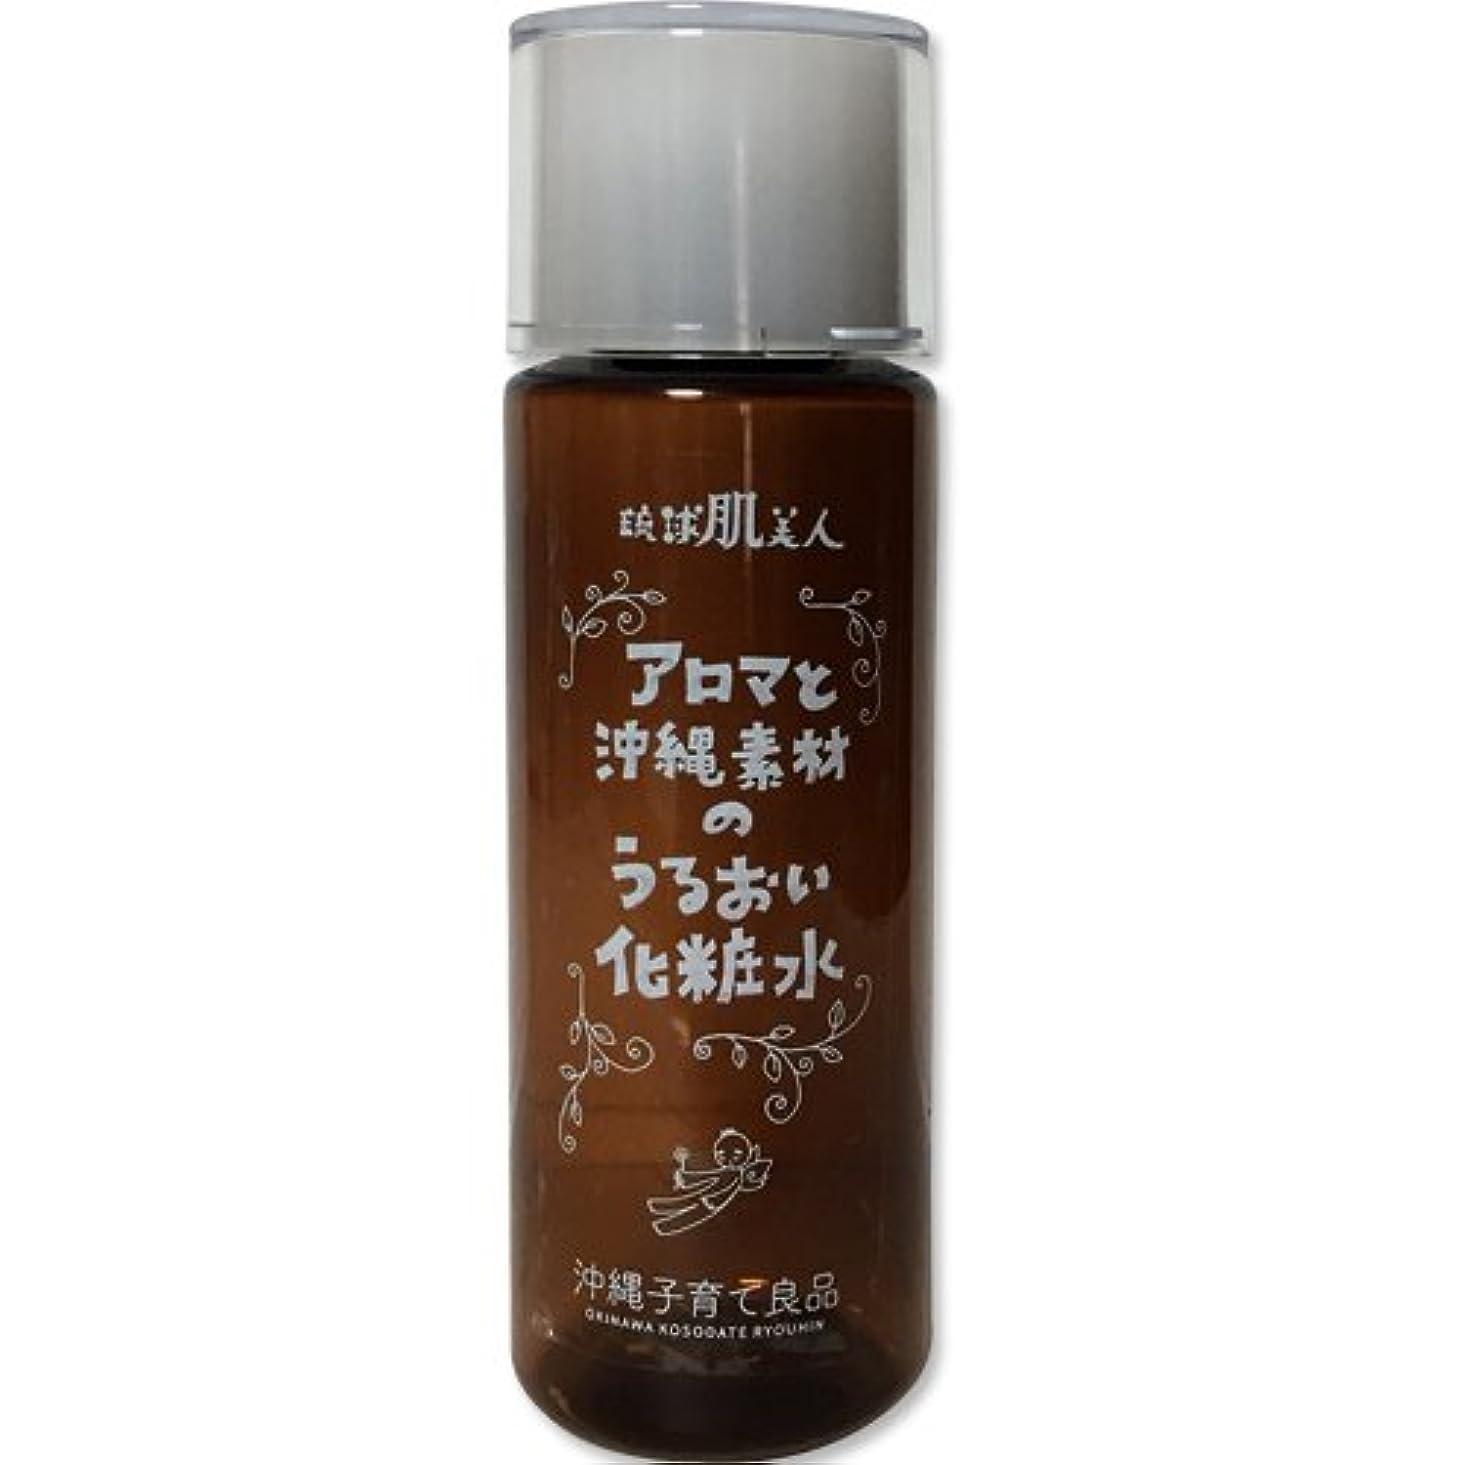 香り強化するたるみ保湿 化粧水 無添加 アルコールフリー アロマと沖縄素材のうるおい化粧水 120ml